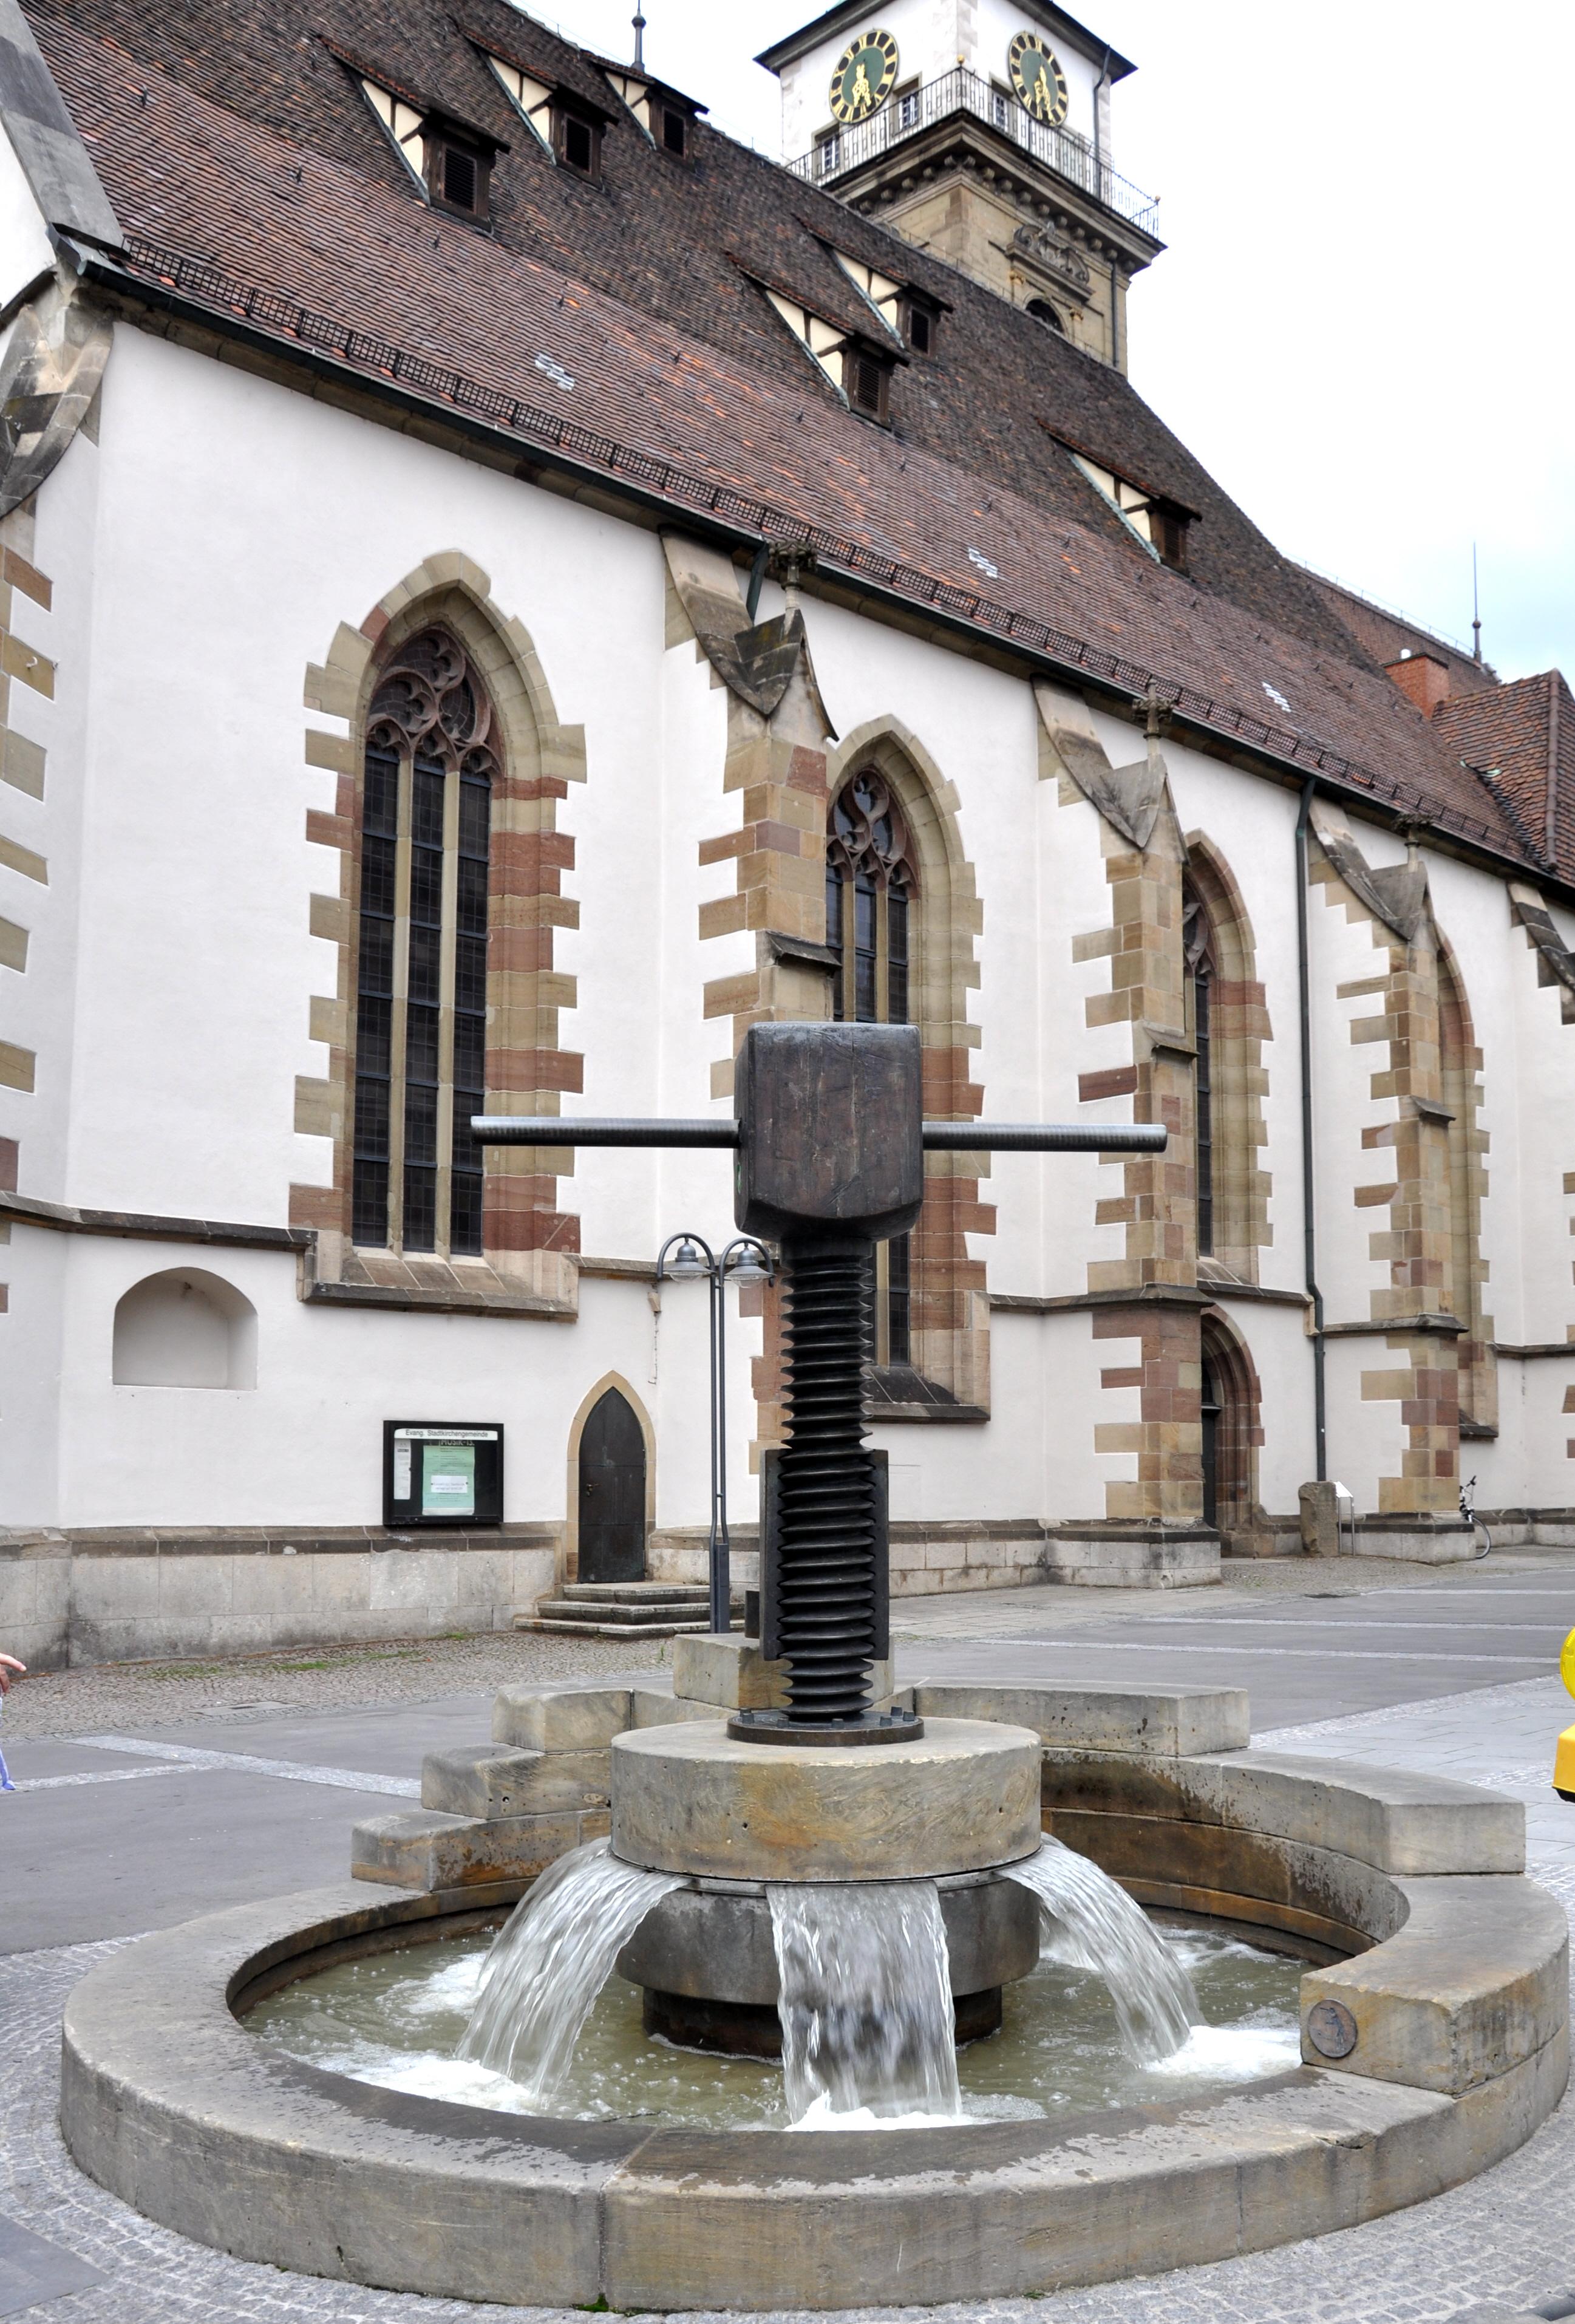 File:Bad Cannstatt Marktstraße Brunnen mit Weinpresse.jpg